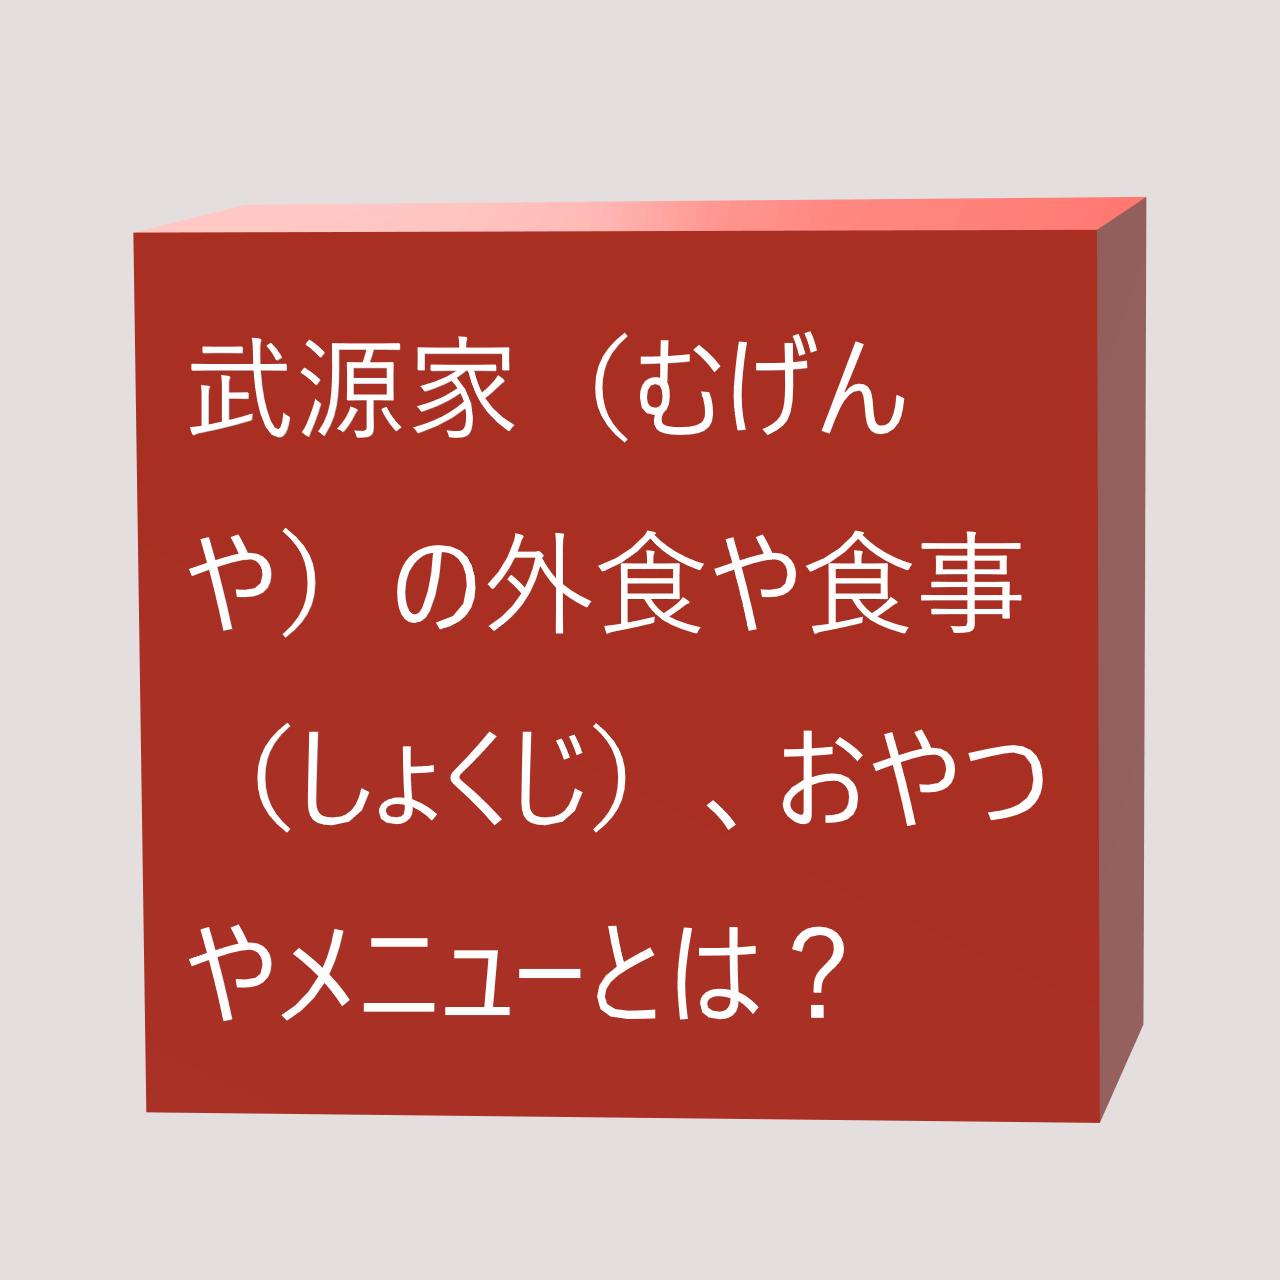 武源家(むげんや)の外食や食事(しょくじ)、おやつやメニューとは?にかかる画像(がぞう)